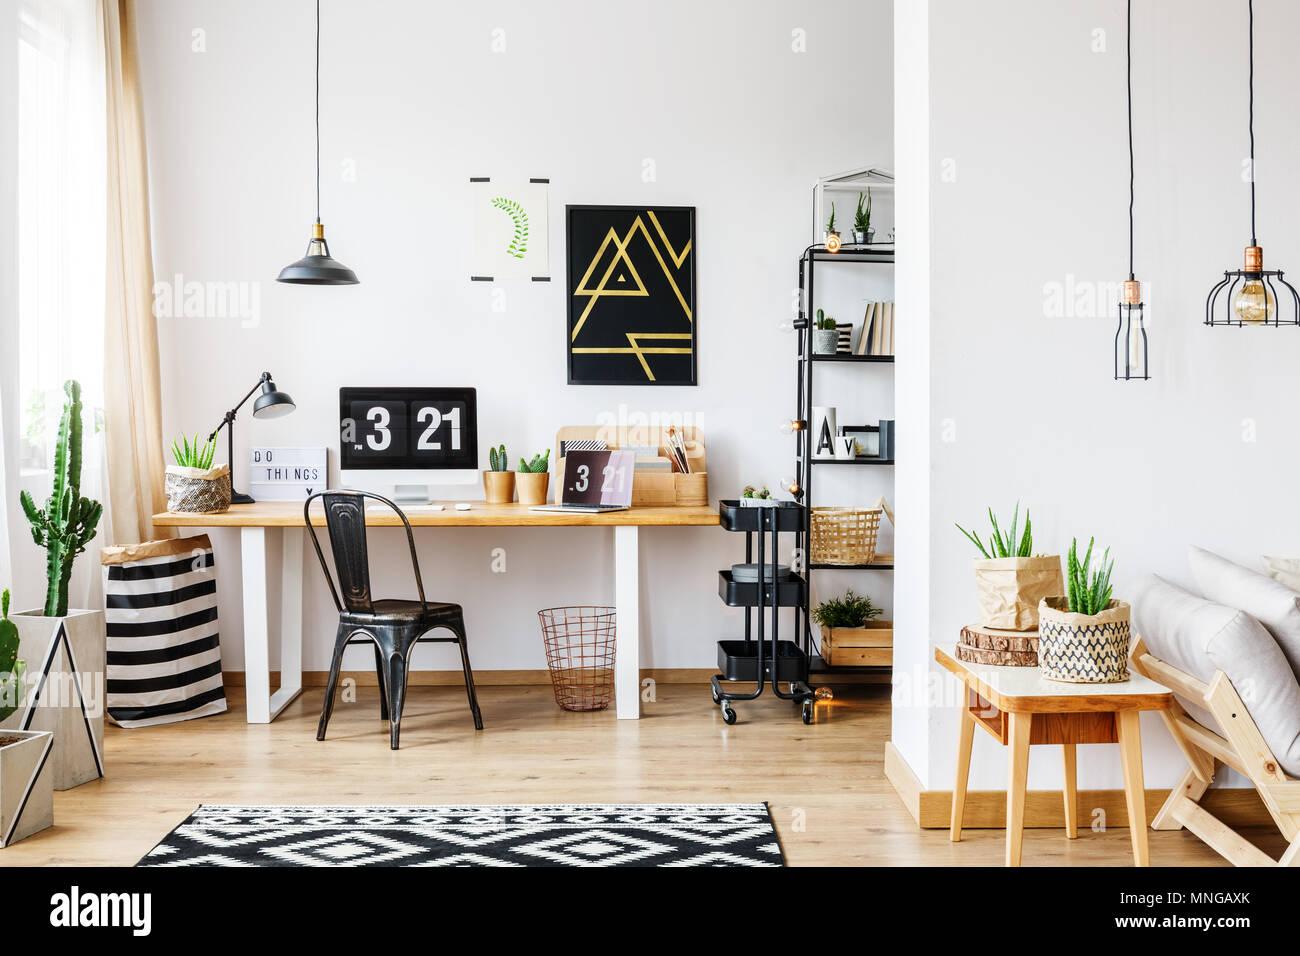 Trendige Zimmer mit Arbeitsbereich für Freiberufler mit weißen Wand, Schreibtisch, schwarz vintage Stuhl, industrielle Lampen, Poster und Holz- Sofa in hellen, offenen Wohn Stockbild